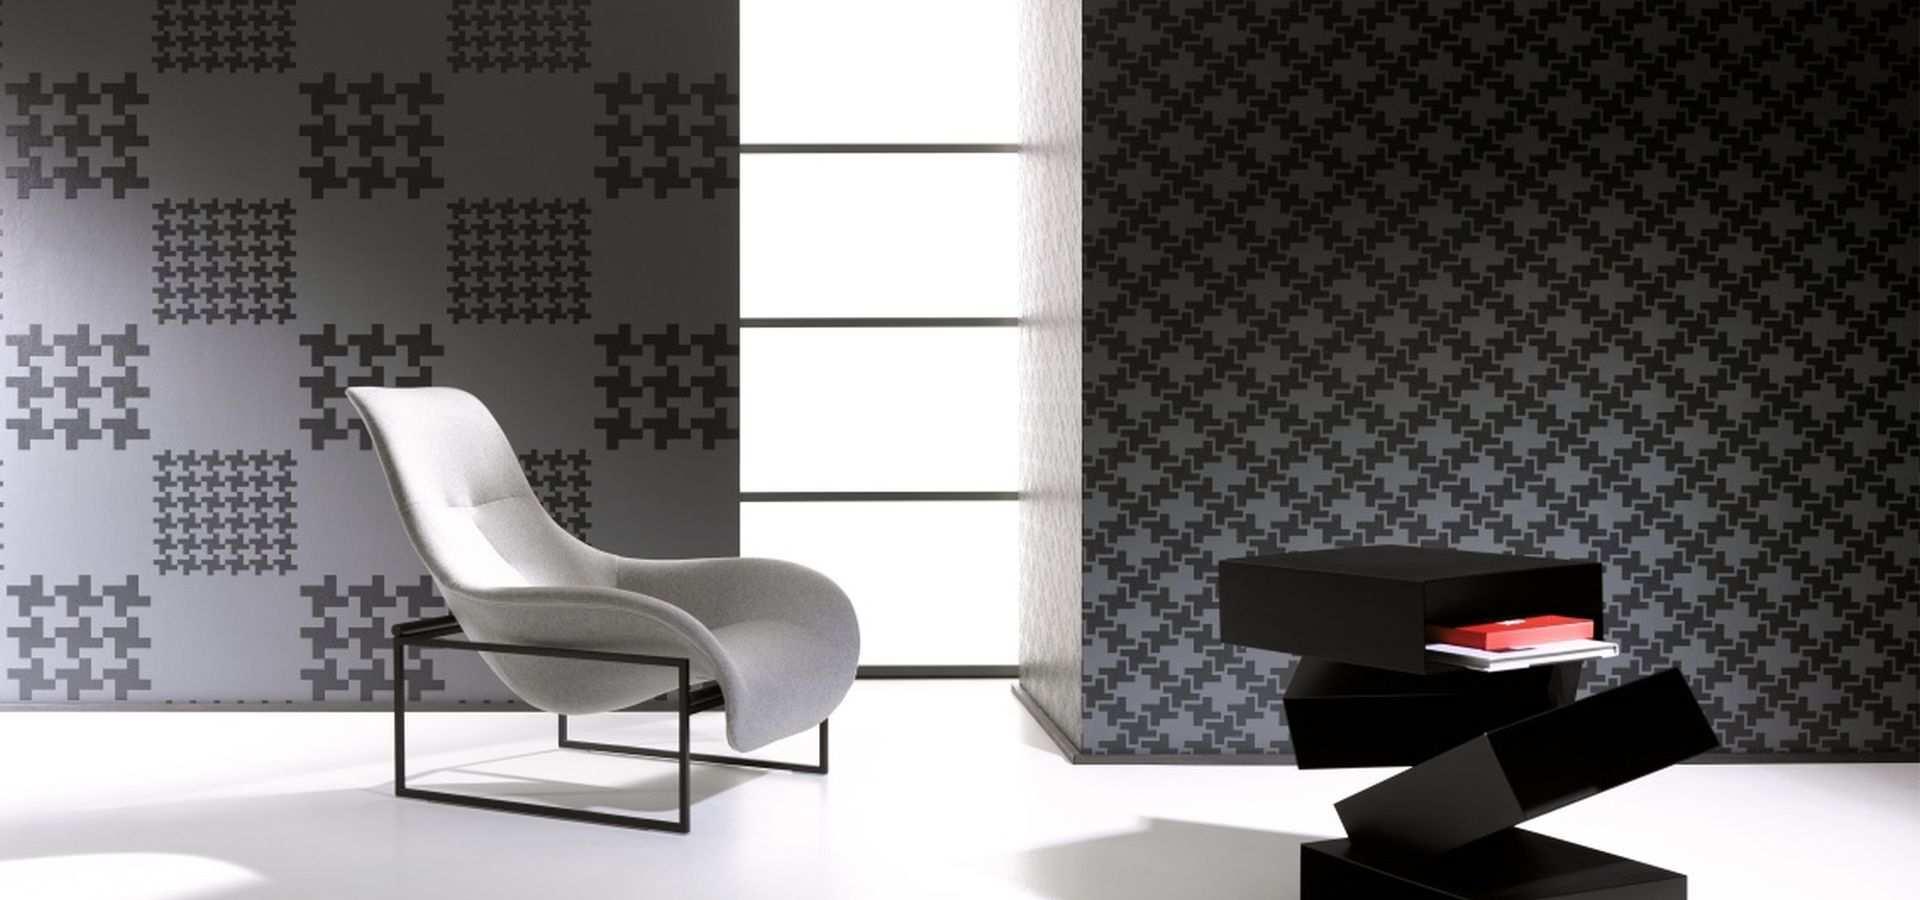 Bild Tapete Wohnzimmer grafisch schwarz